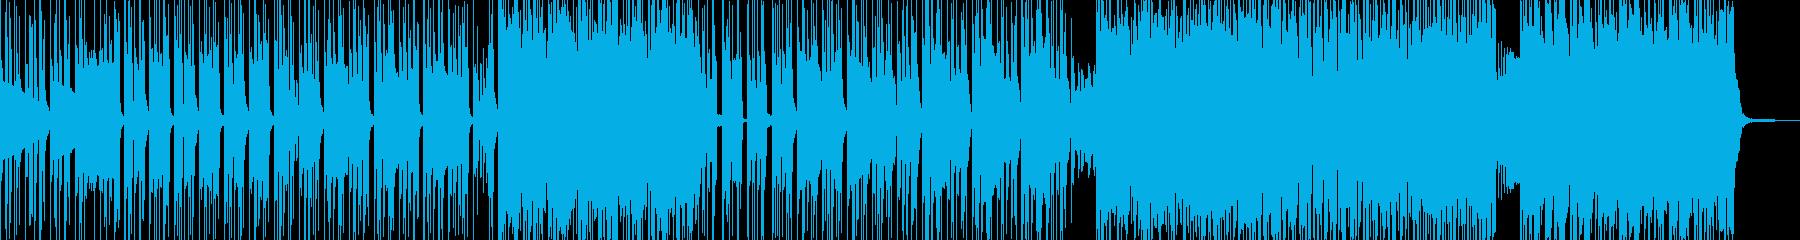 無機質&異次元・妖艶なヒップホップ B2の再生済みの波形